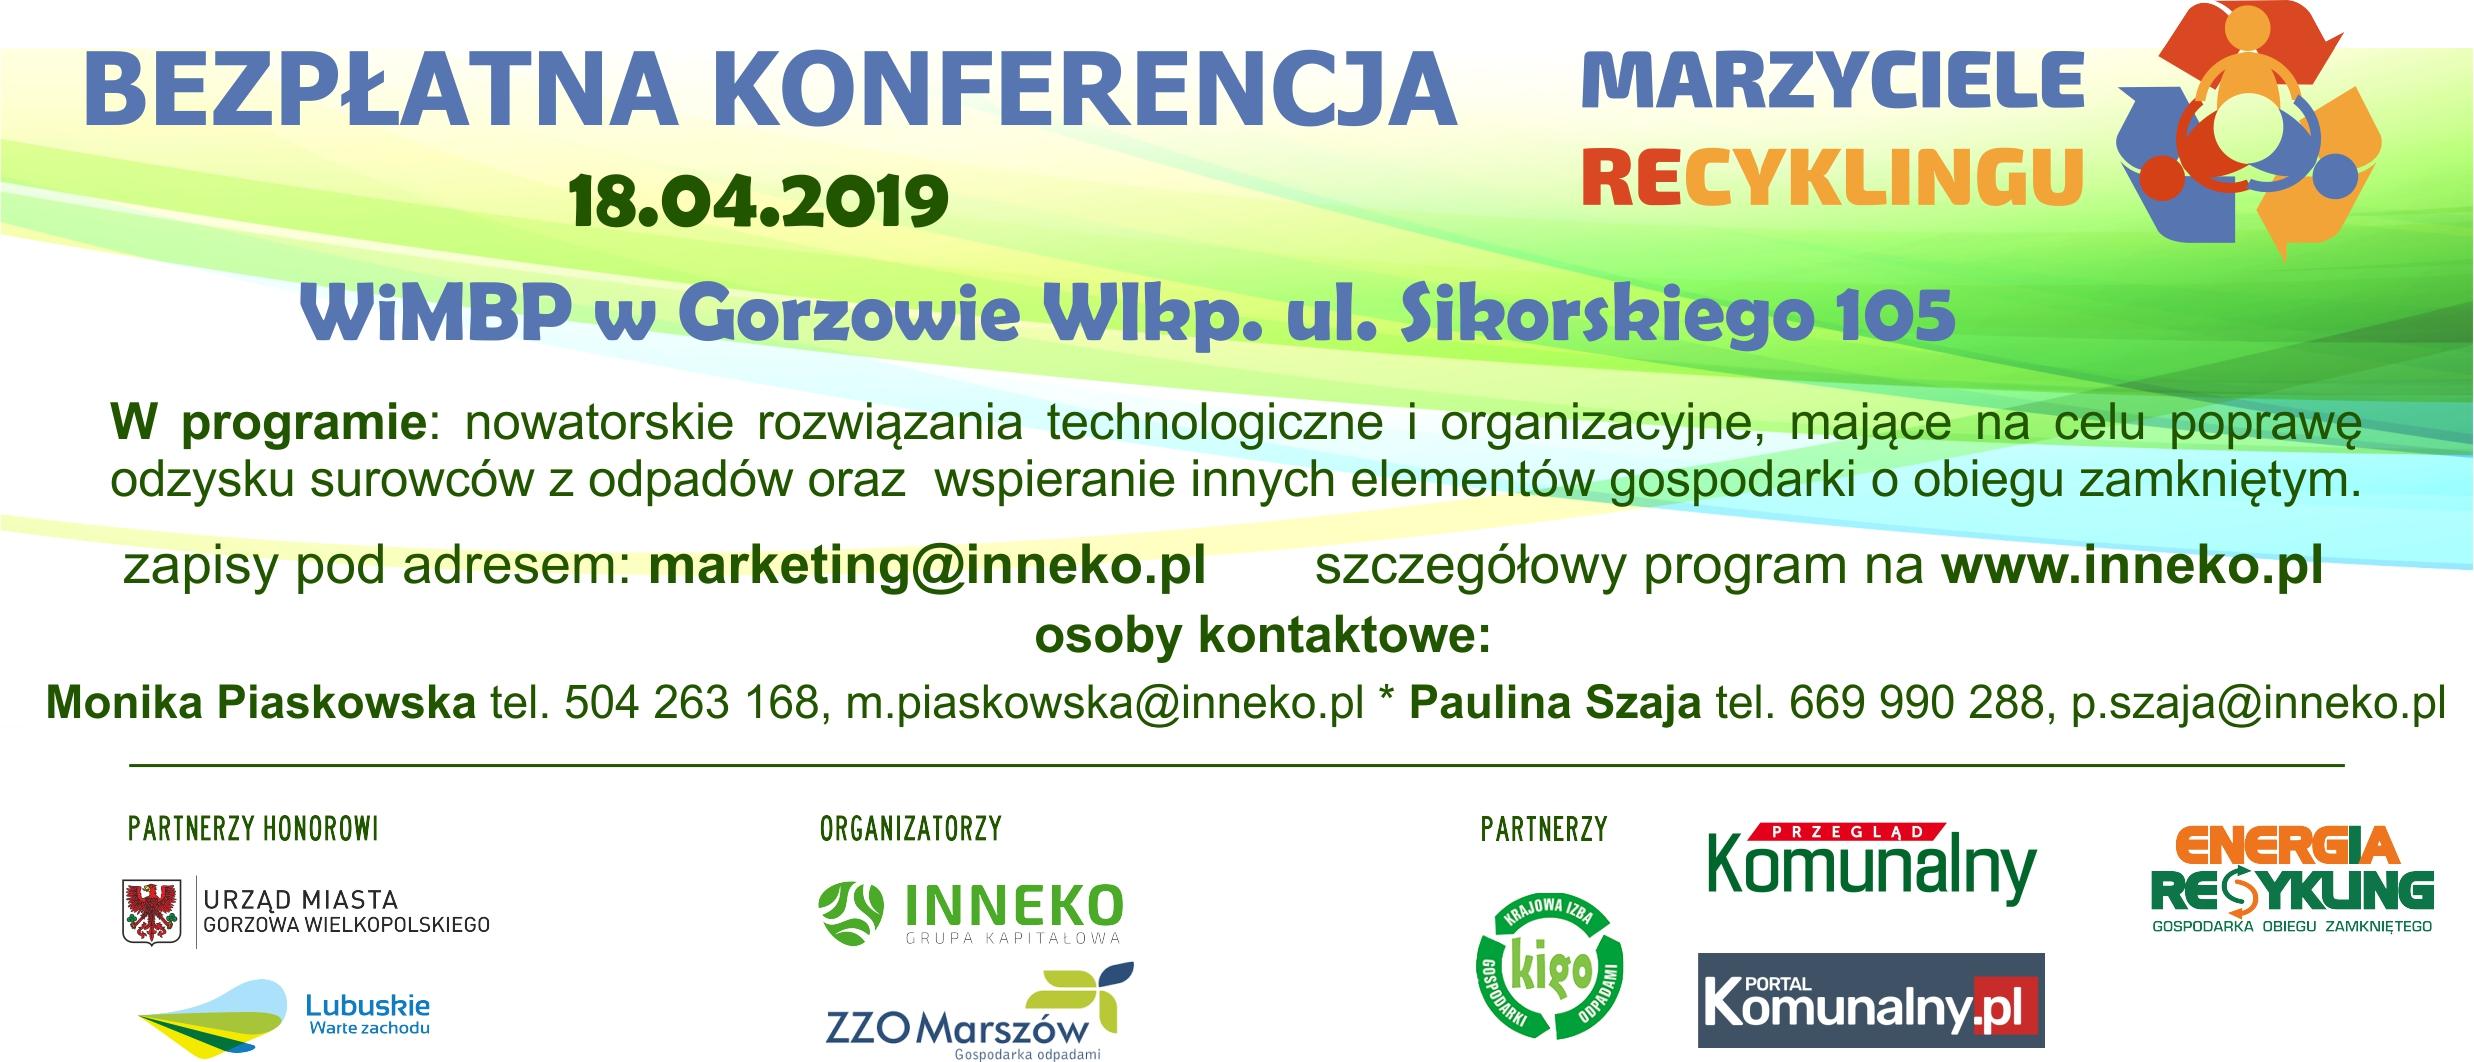 Marzyciele Recyklingu – Konferencja